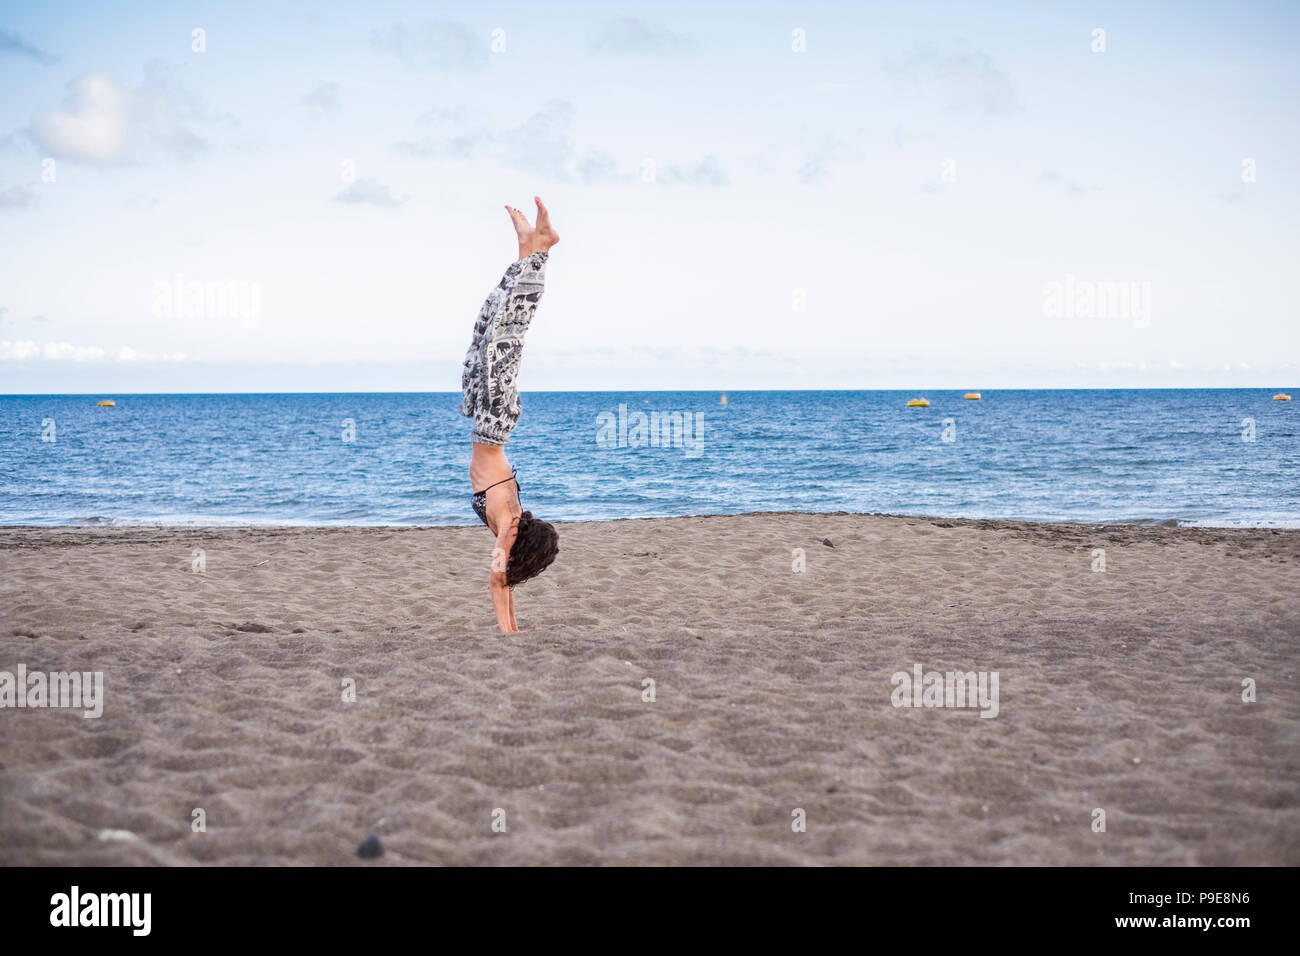 Carina ragazza caucasica in piedi sul lato presso la spiaggia all'aperto in estate le attività per il tempo libero. oceano nel backgorund. Godersi la vita e il bilanciamento Immagini Stock